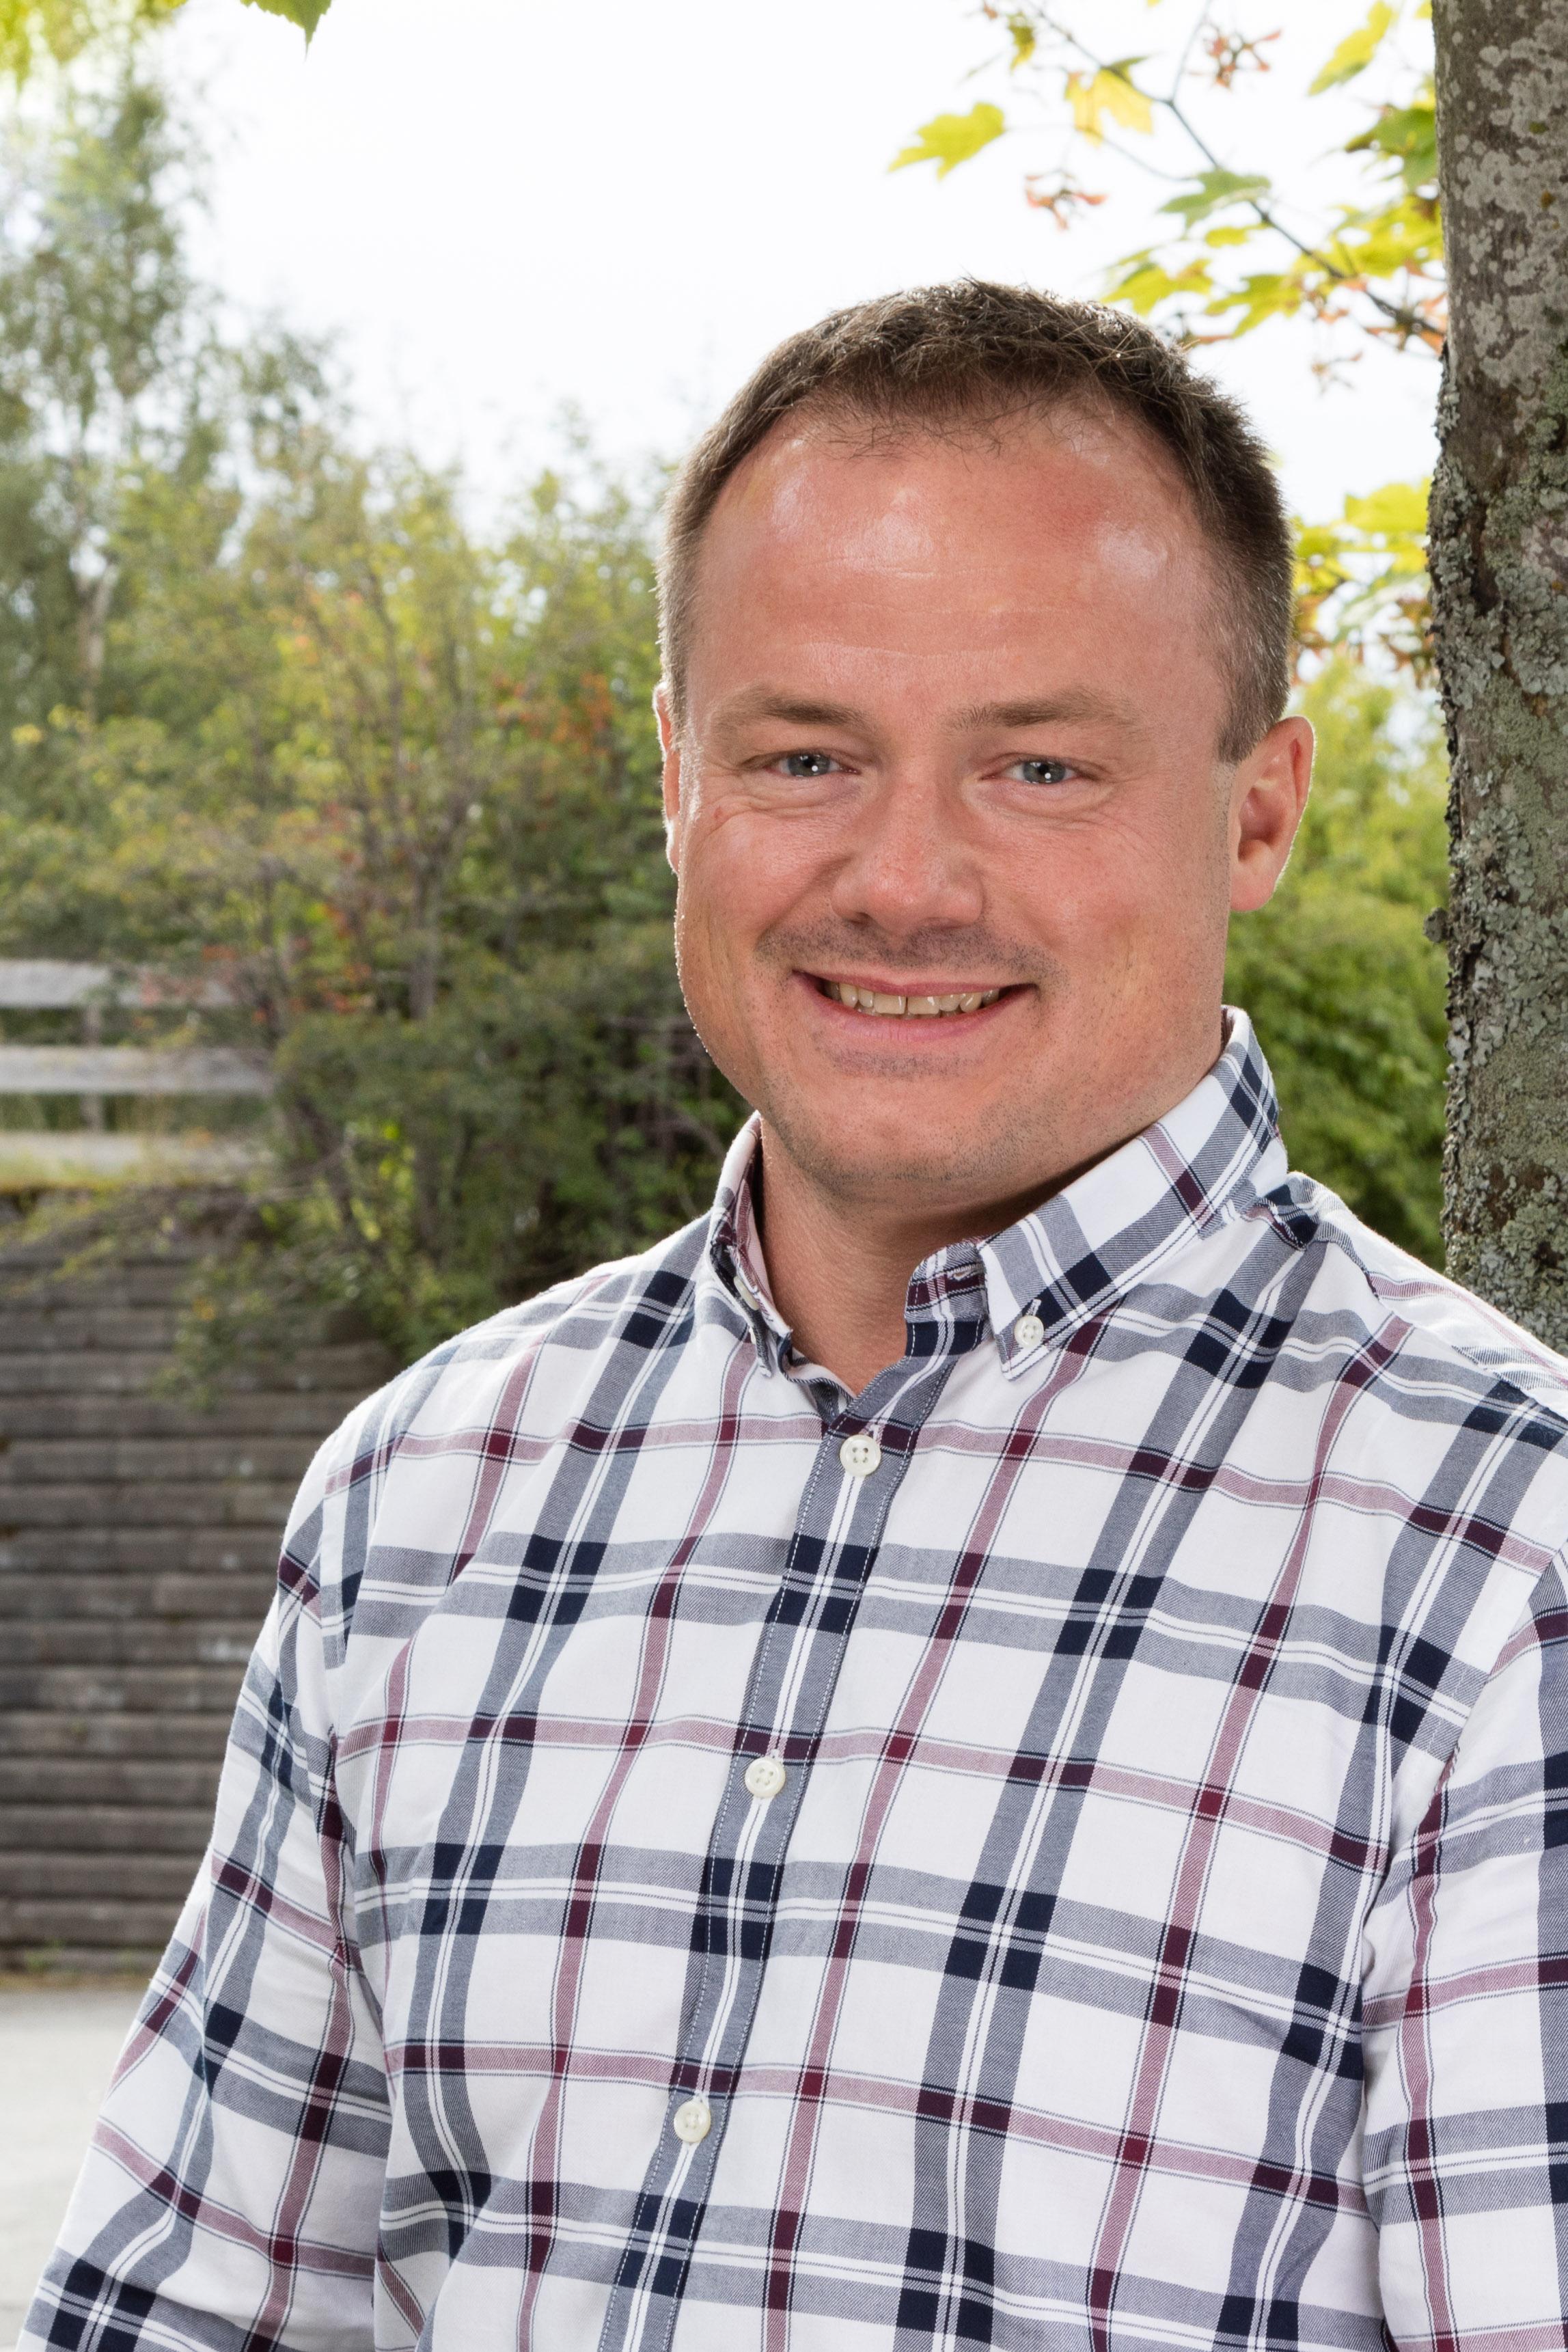 Steinar Iversen  er daglig leder for Opplæringskontoret for Hotell og Restaurantfag i Trøndelag. Kontakt ham gjerne på46 82 69 45 om du har spørsmål knyttet til utdanning i hotell og restaurantfag i Sør-Trøndelag.